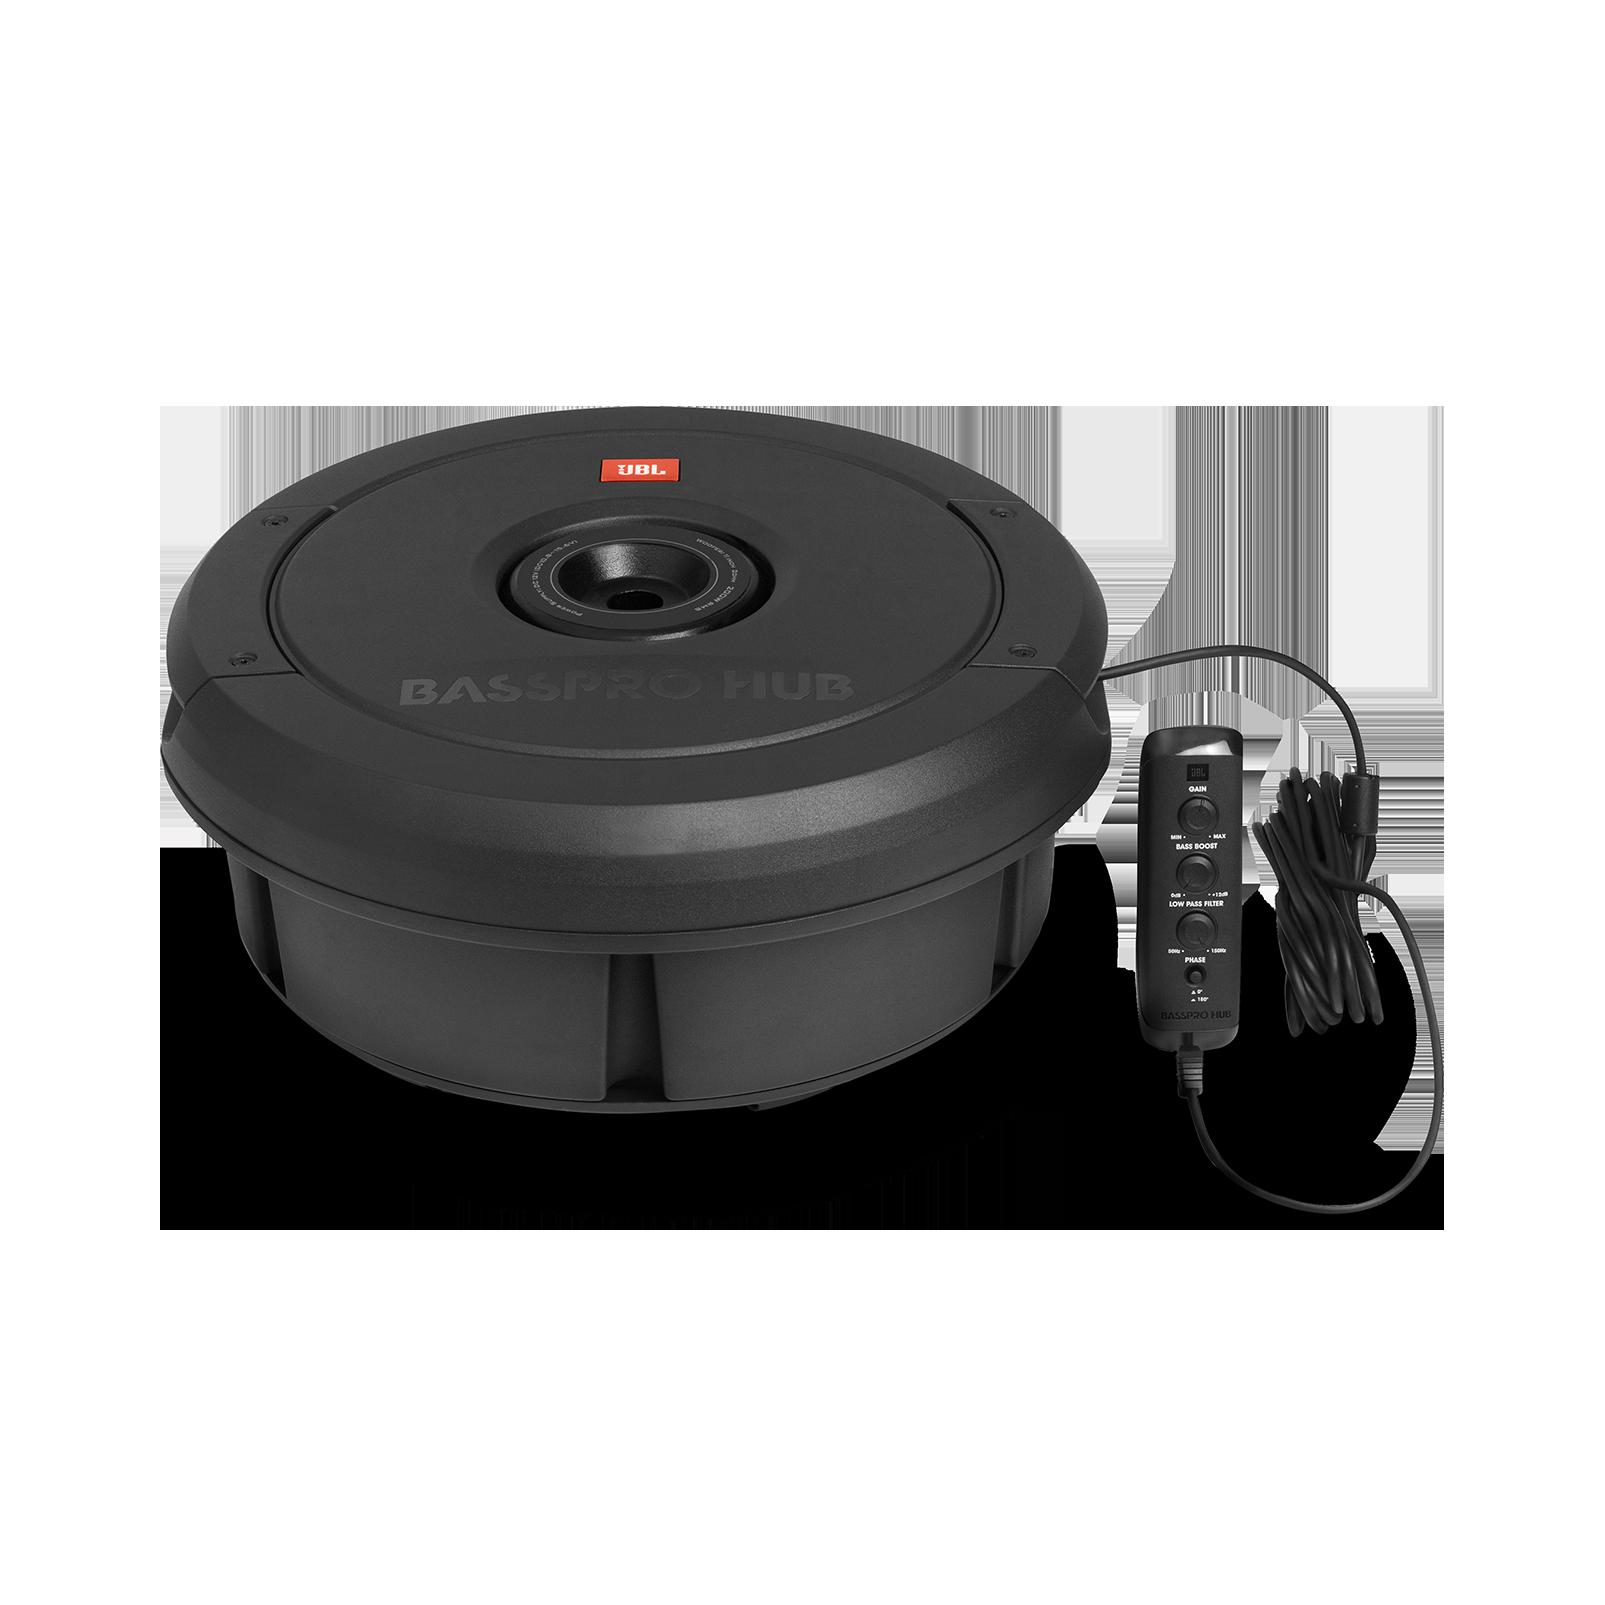 jbl basspro hub 11 39 39 279 mm subwoofer mit integriertem. Black Bedroom Furniture Sets. Home Design Ideas